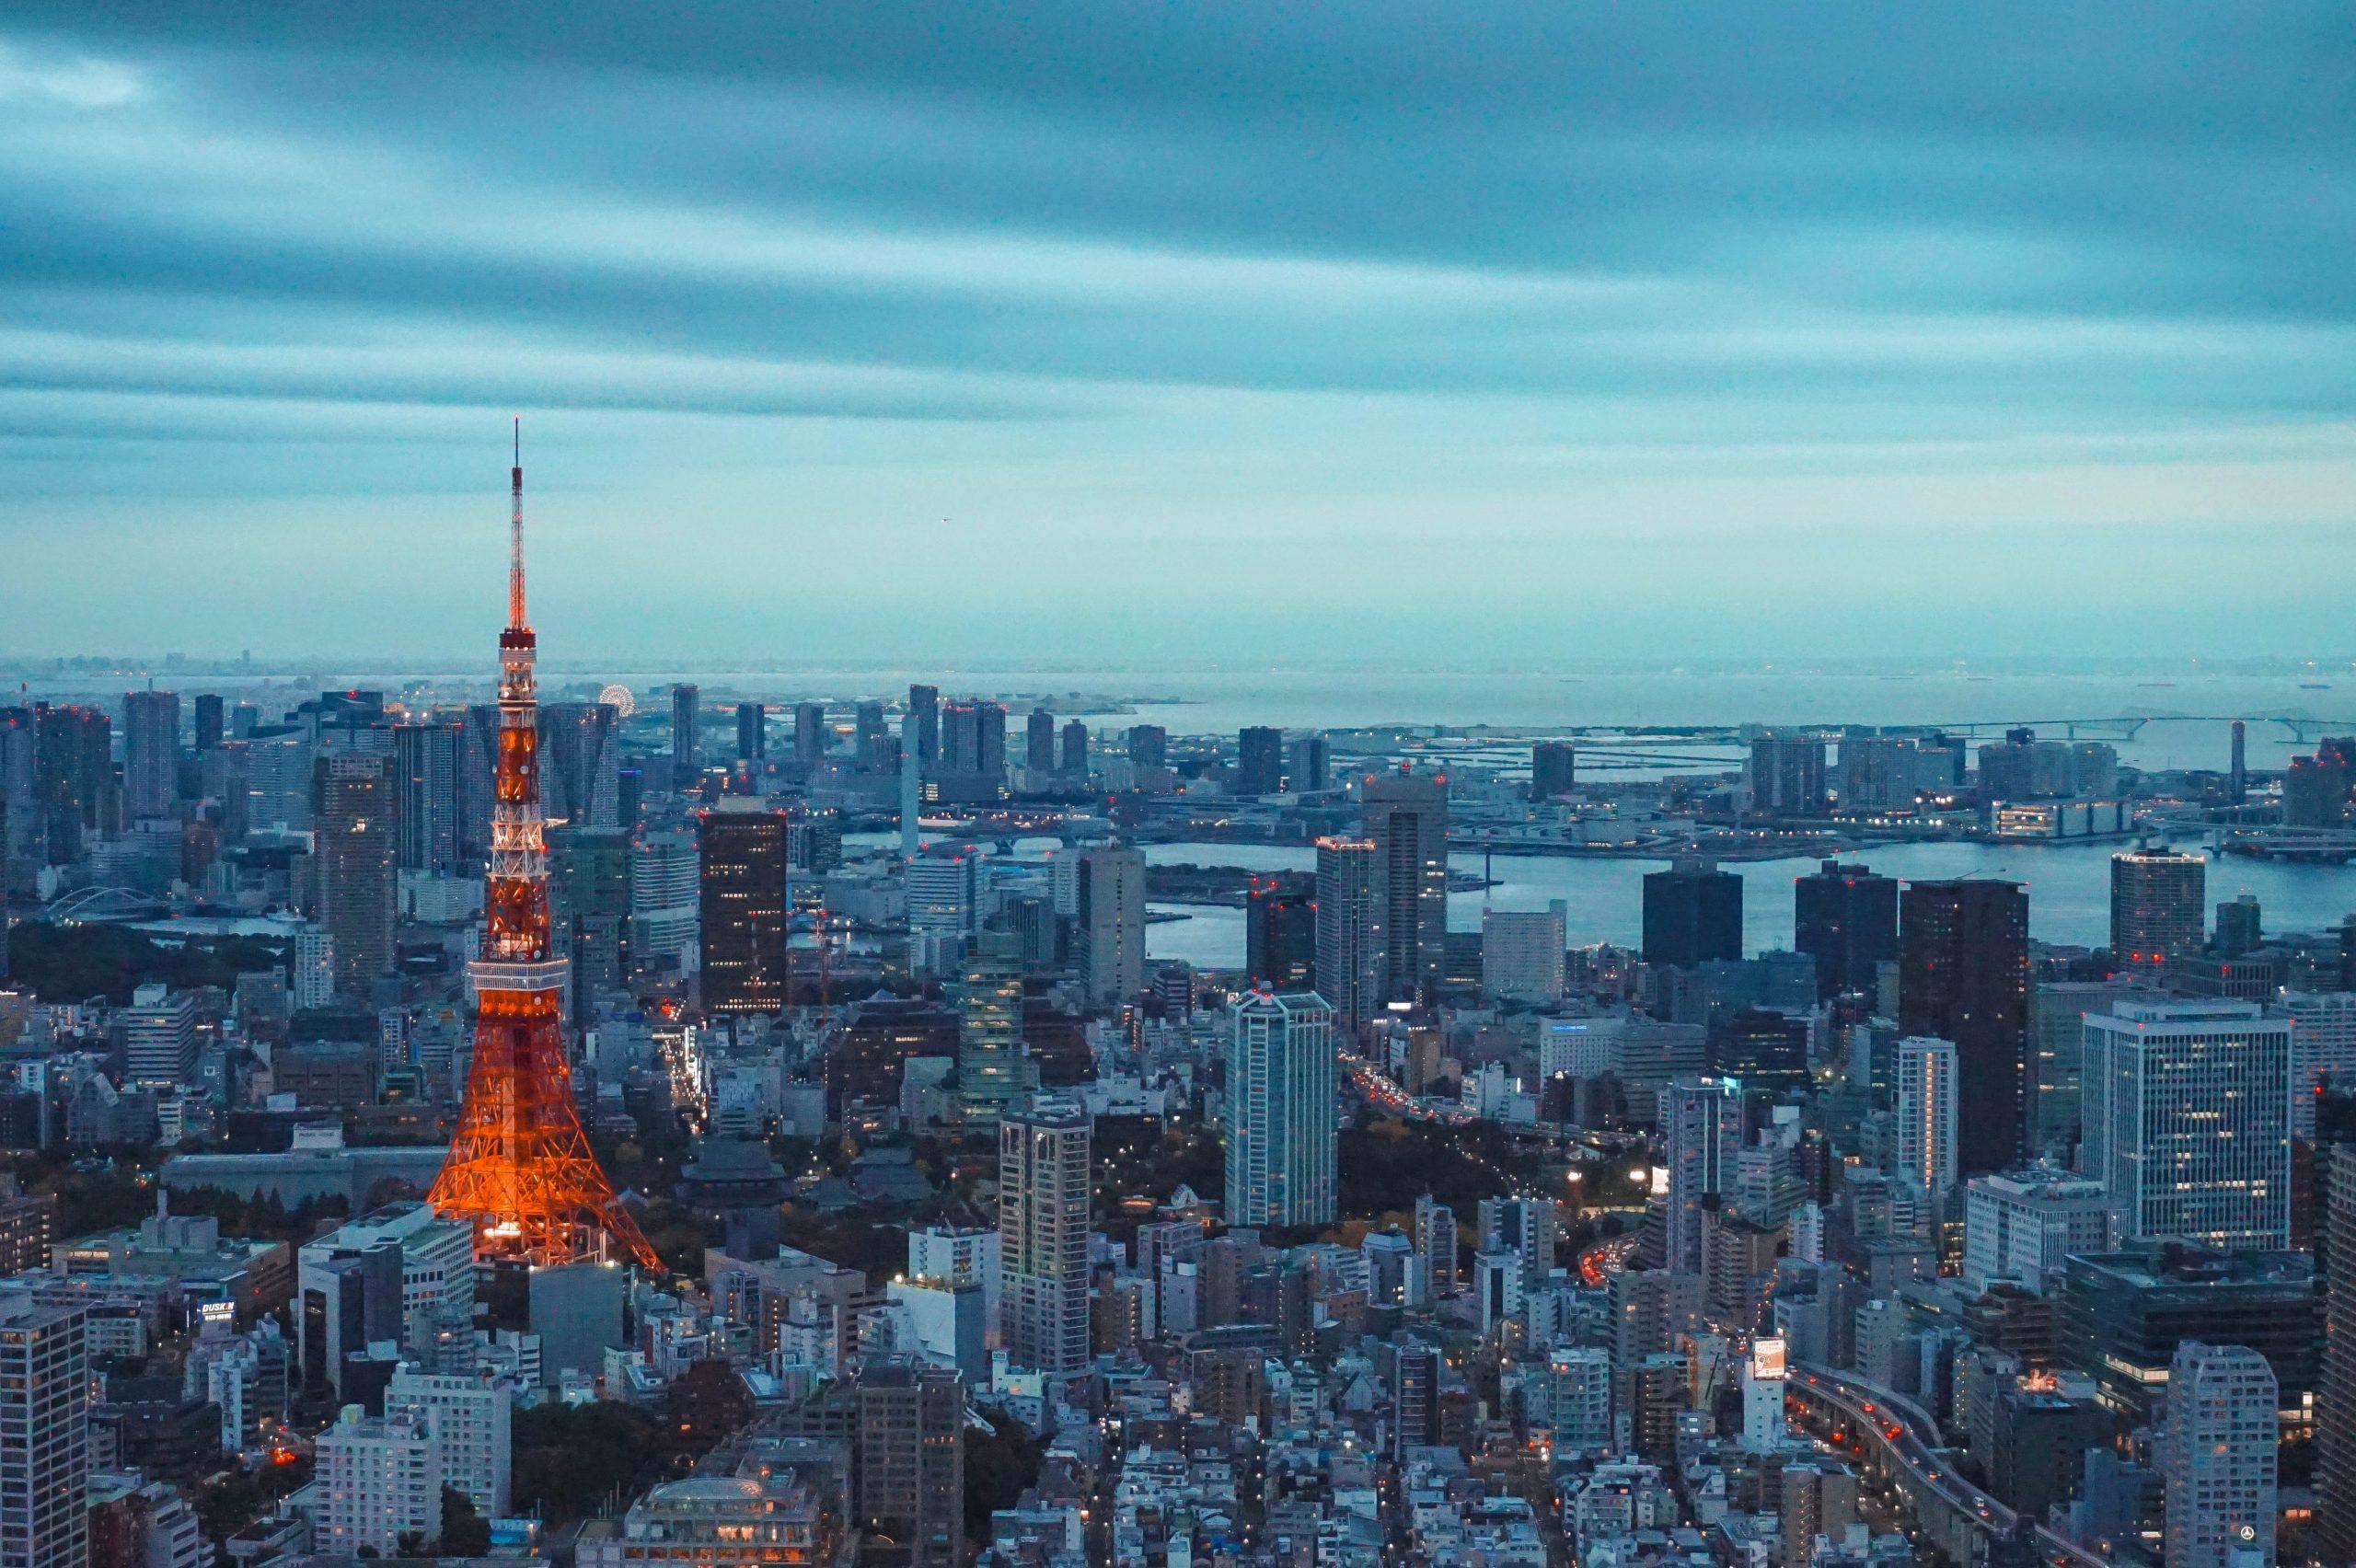 日銀が保有する日本株ETFはがっつりヤラレ&パンデミック発表 これからどうするんだよ